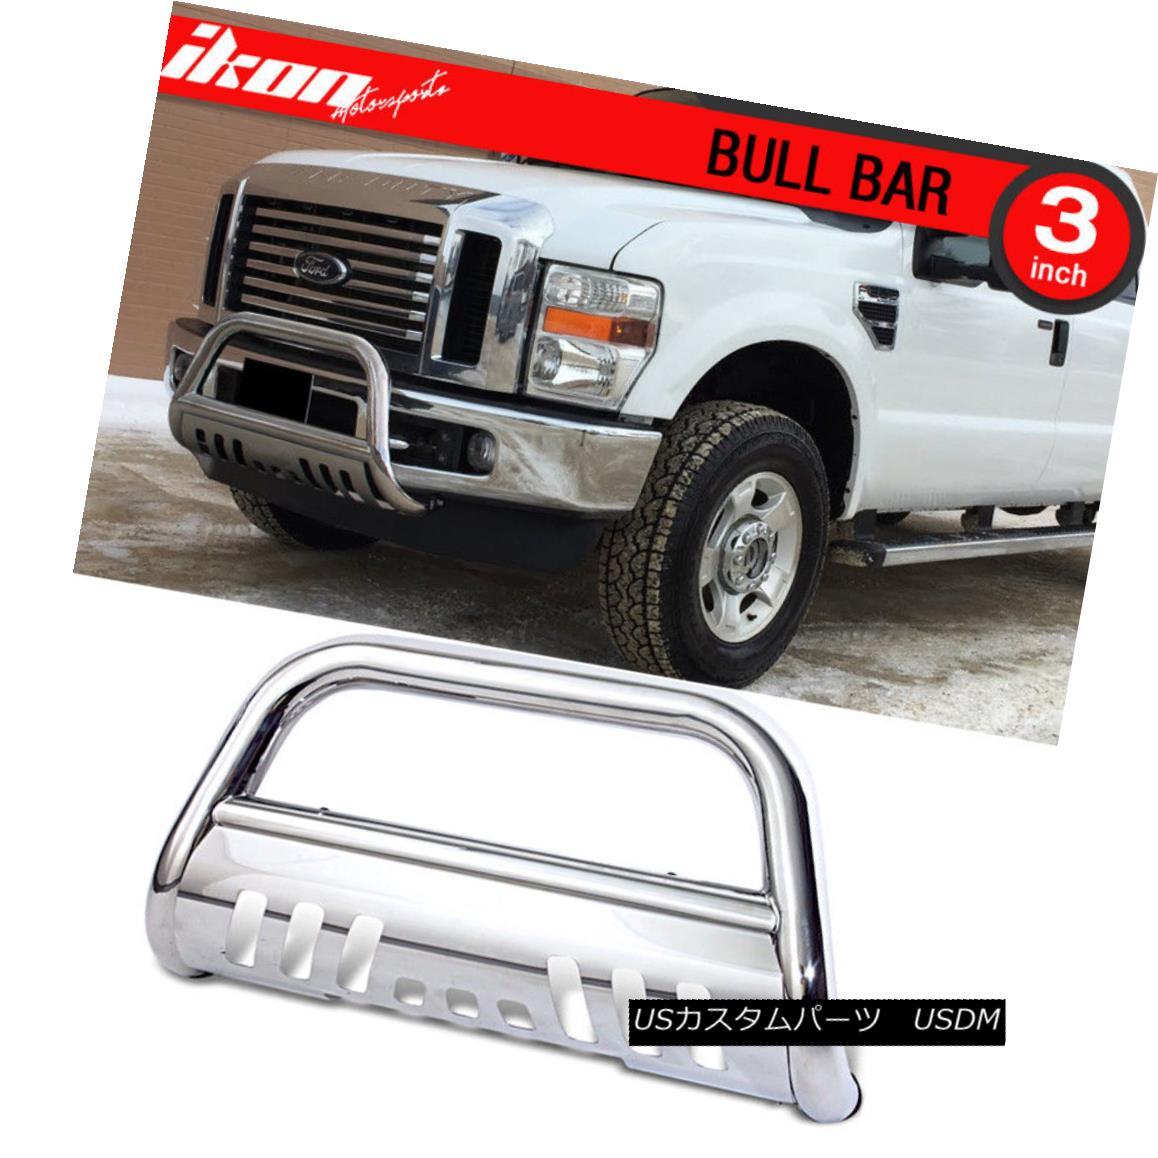 グリル For 08-10 Ford F250 350 450 Superduty Bull Bar Ss Grill Guard Front Bumper 08-10 Ford F250 350 450 Superduty Bull Bar Ssグリルガードフロントバンパー